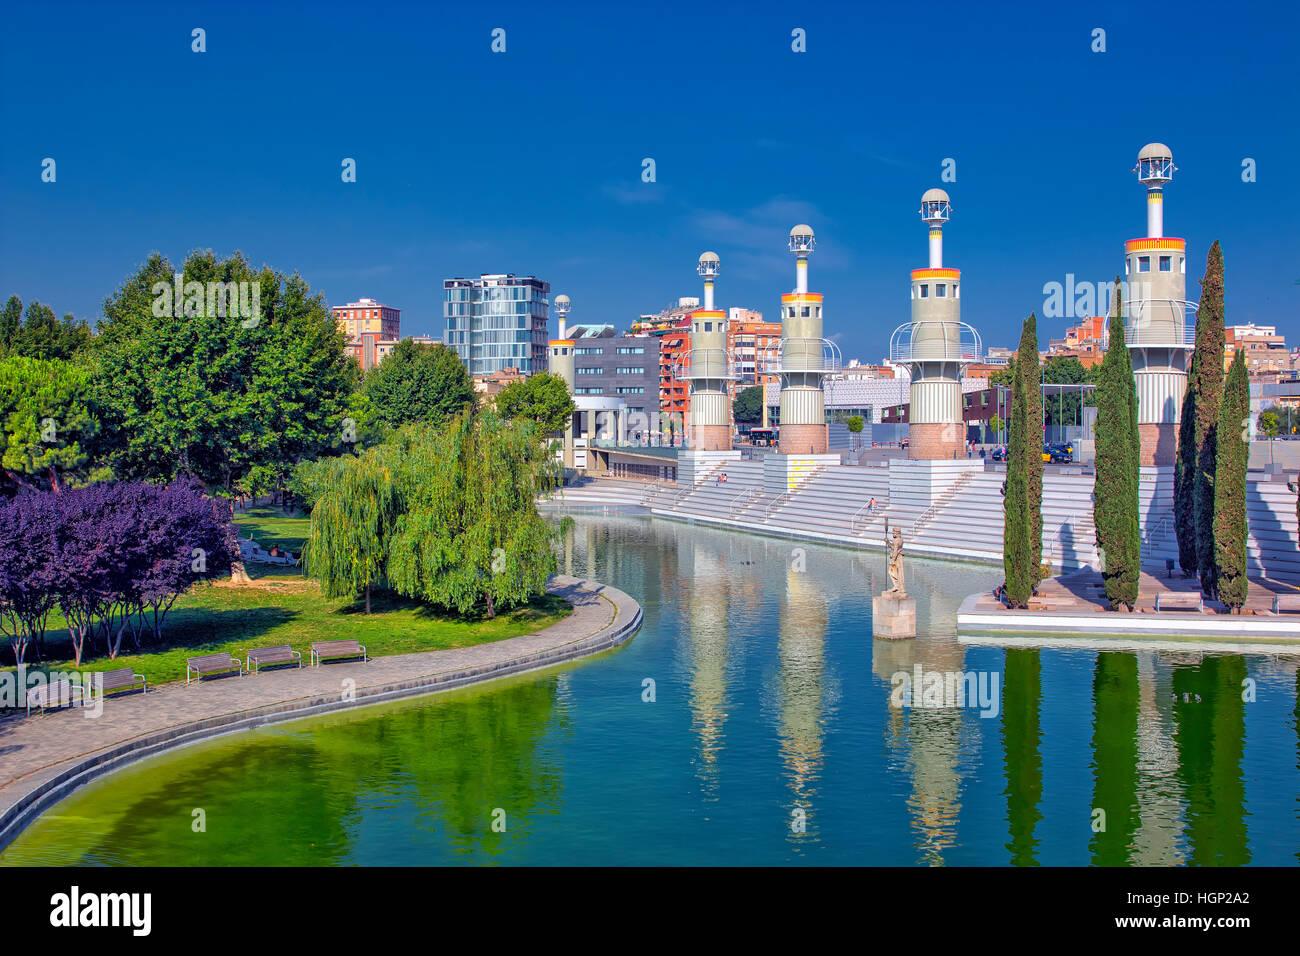 Espana Industrial park in Barcelona - Stock Image